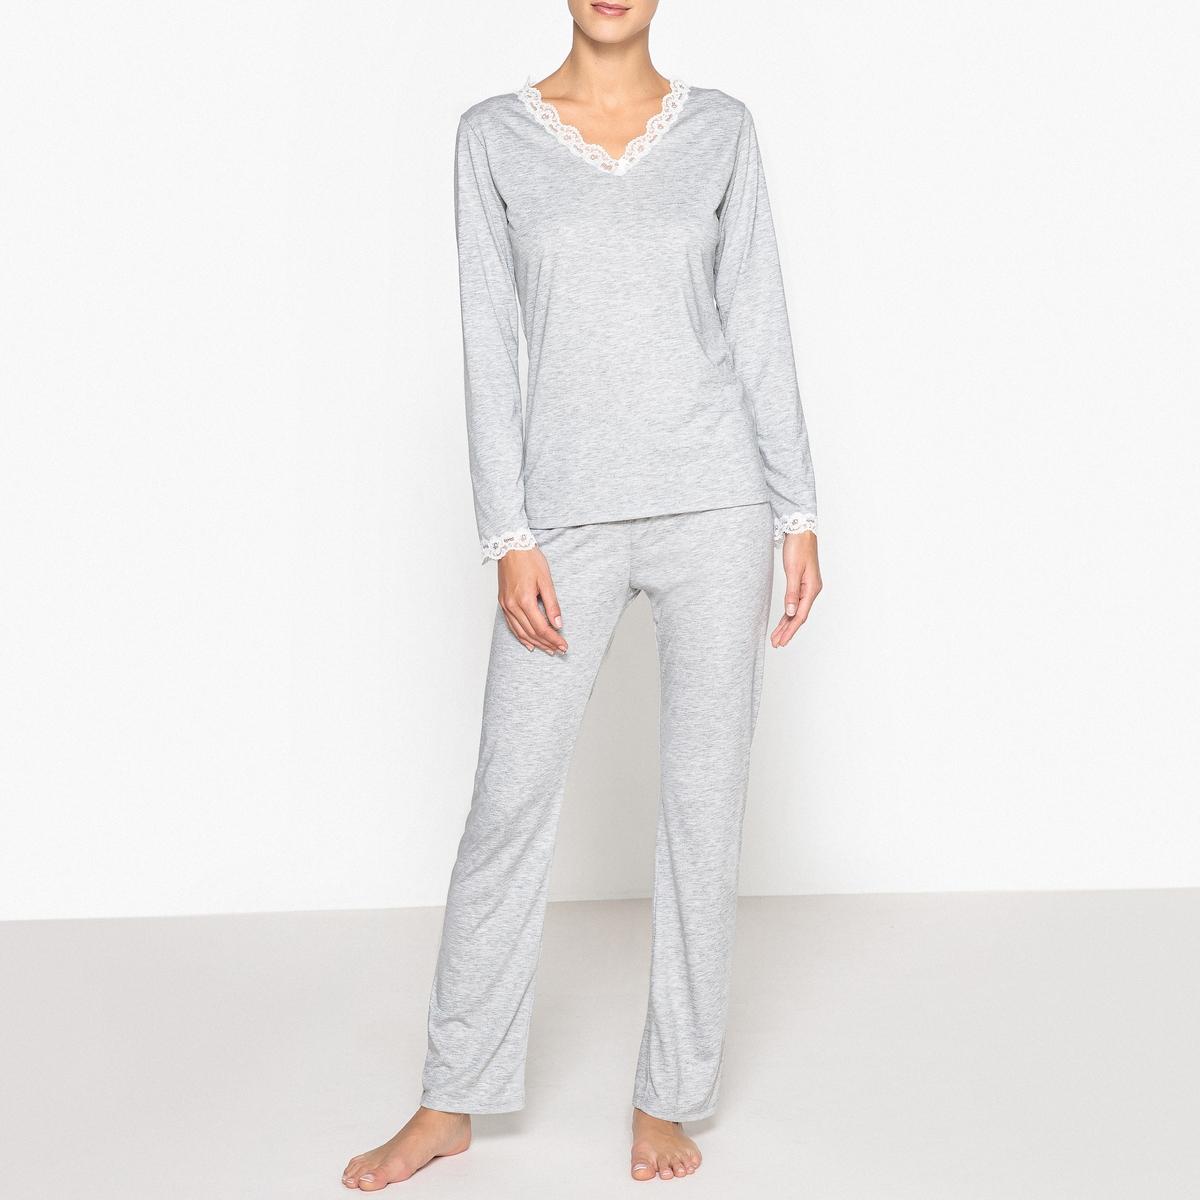 Пижама с кружевными вставкамиКомфортная и женственная пижама с утонченной кружевной каймой по вырезу. Состав и описаниеФутболка с длинными рукавами и V-образным вырезом с кружевной вставкой.Брюки с эластичным поясом.Материал : 62% полиэстера, 38% вискозыДлина :Топ 67 смДлина по внутр.шву 76 смУход : Стирать при температуре 30° со схожими цветамиСтирать с изнаночной стороны<br><br>Цвет: серый меланж<br>Размер: 50/52 (FR) - 56/58 (RUS)